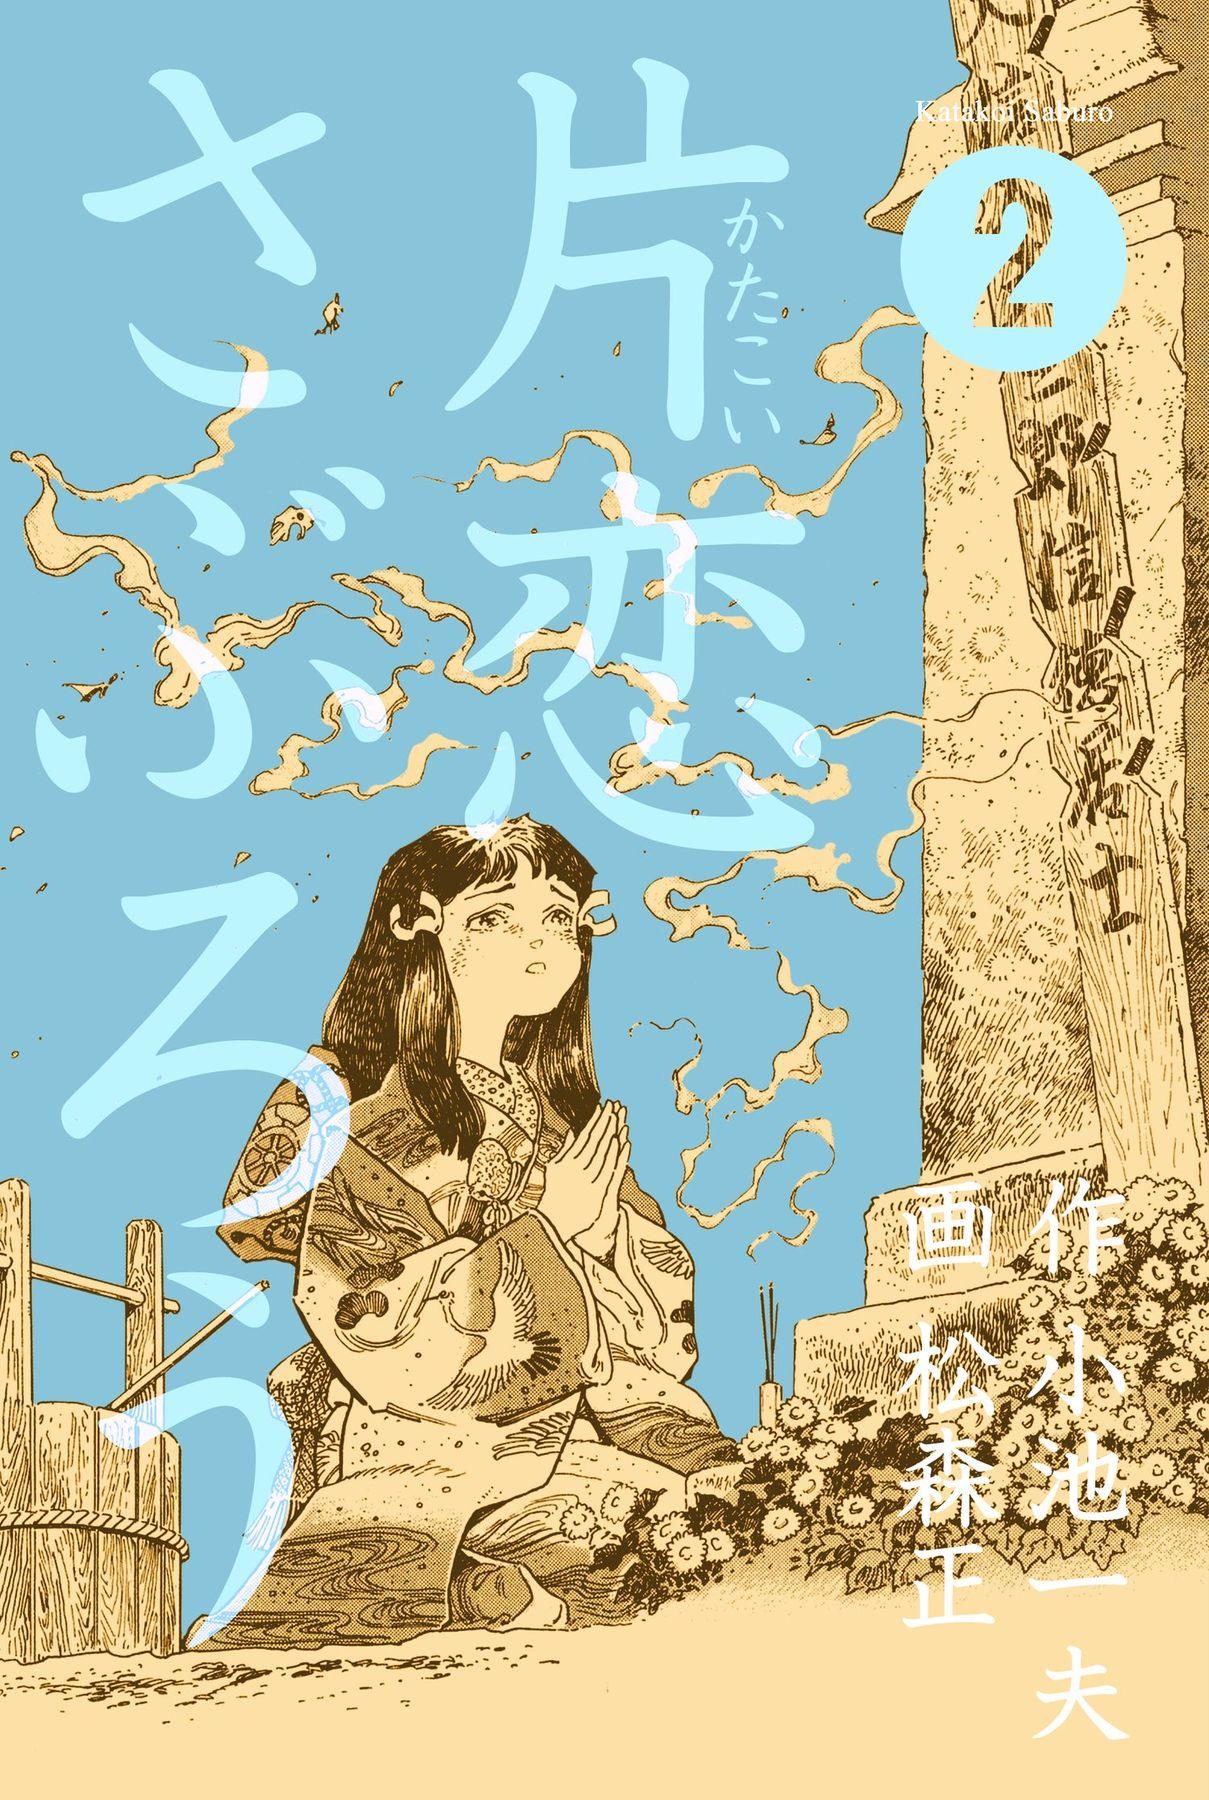 片恋さぶろう(第2巻)